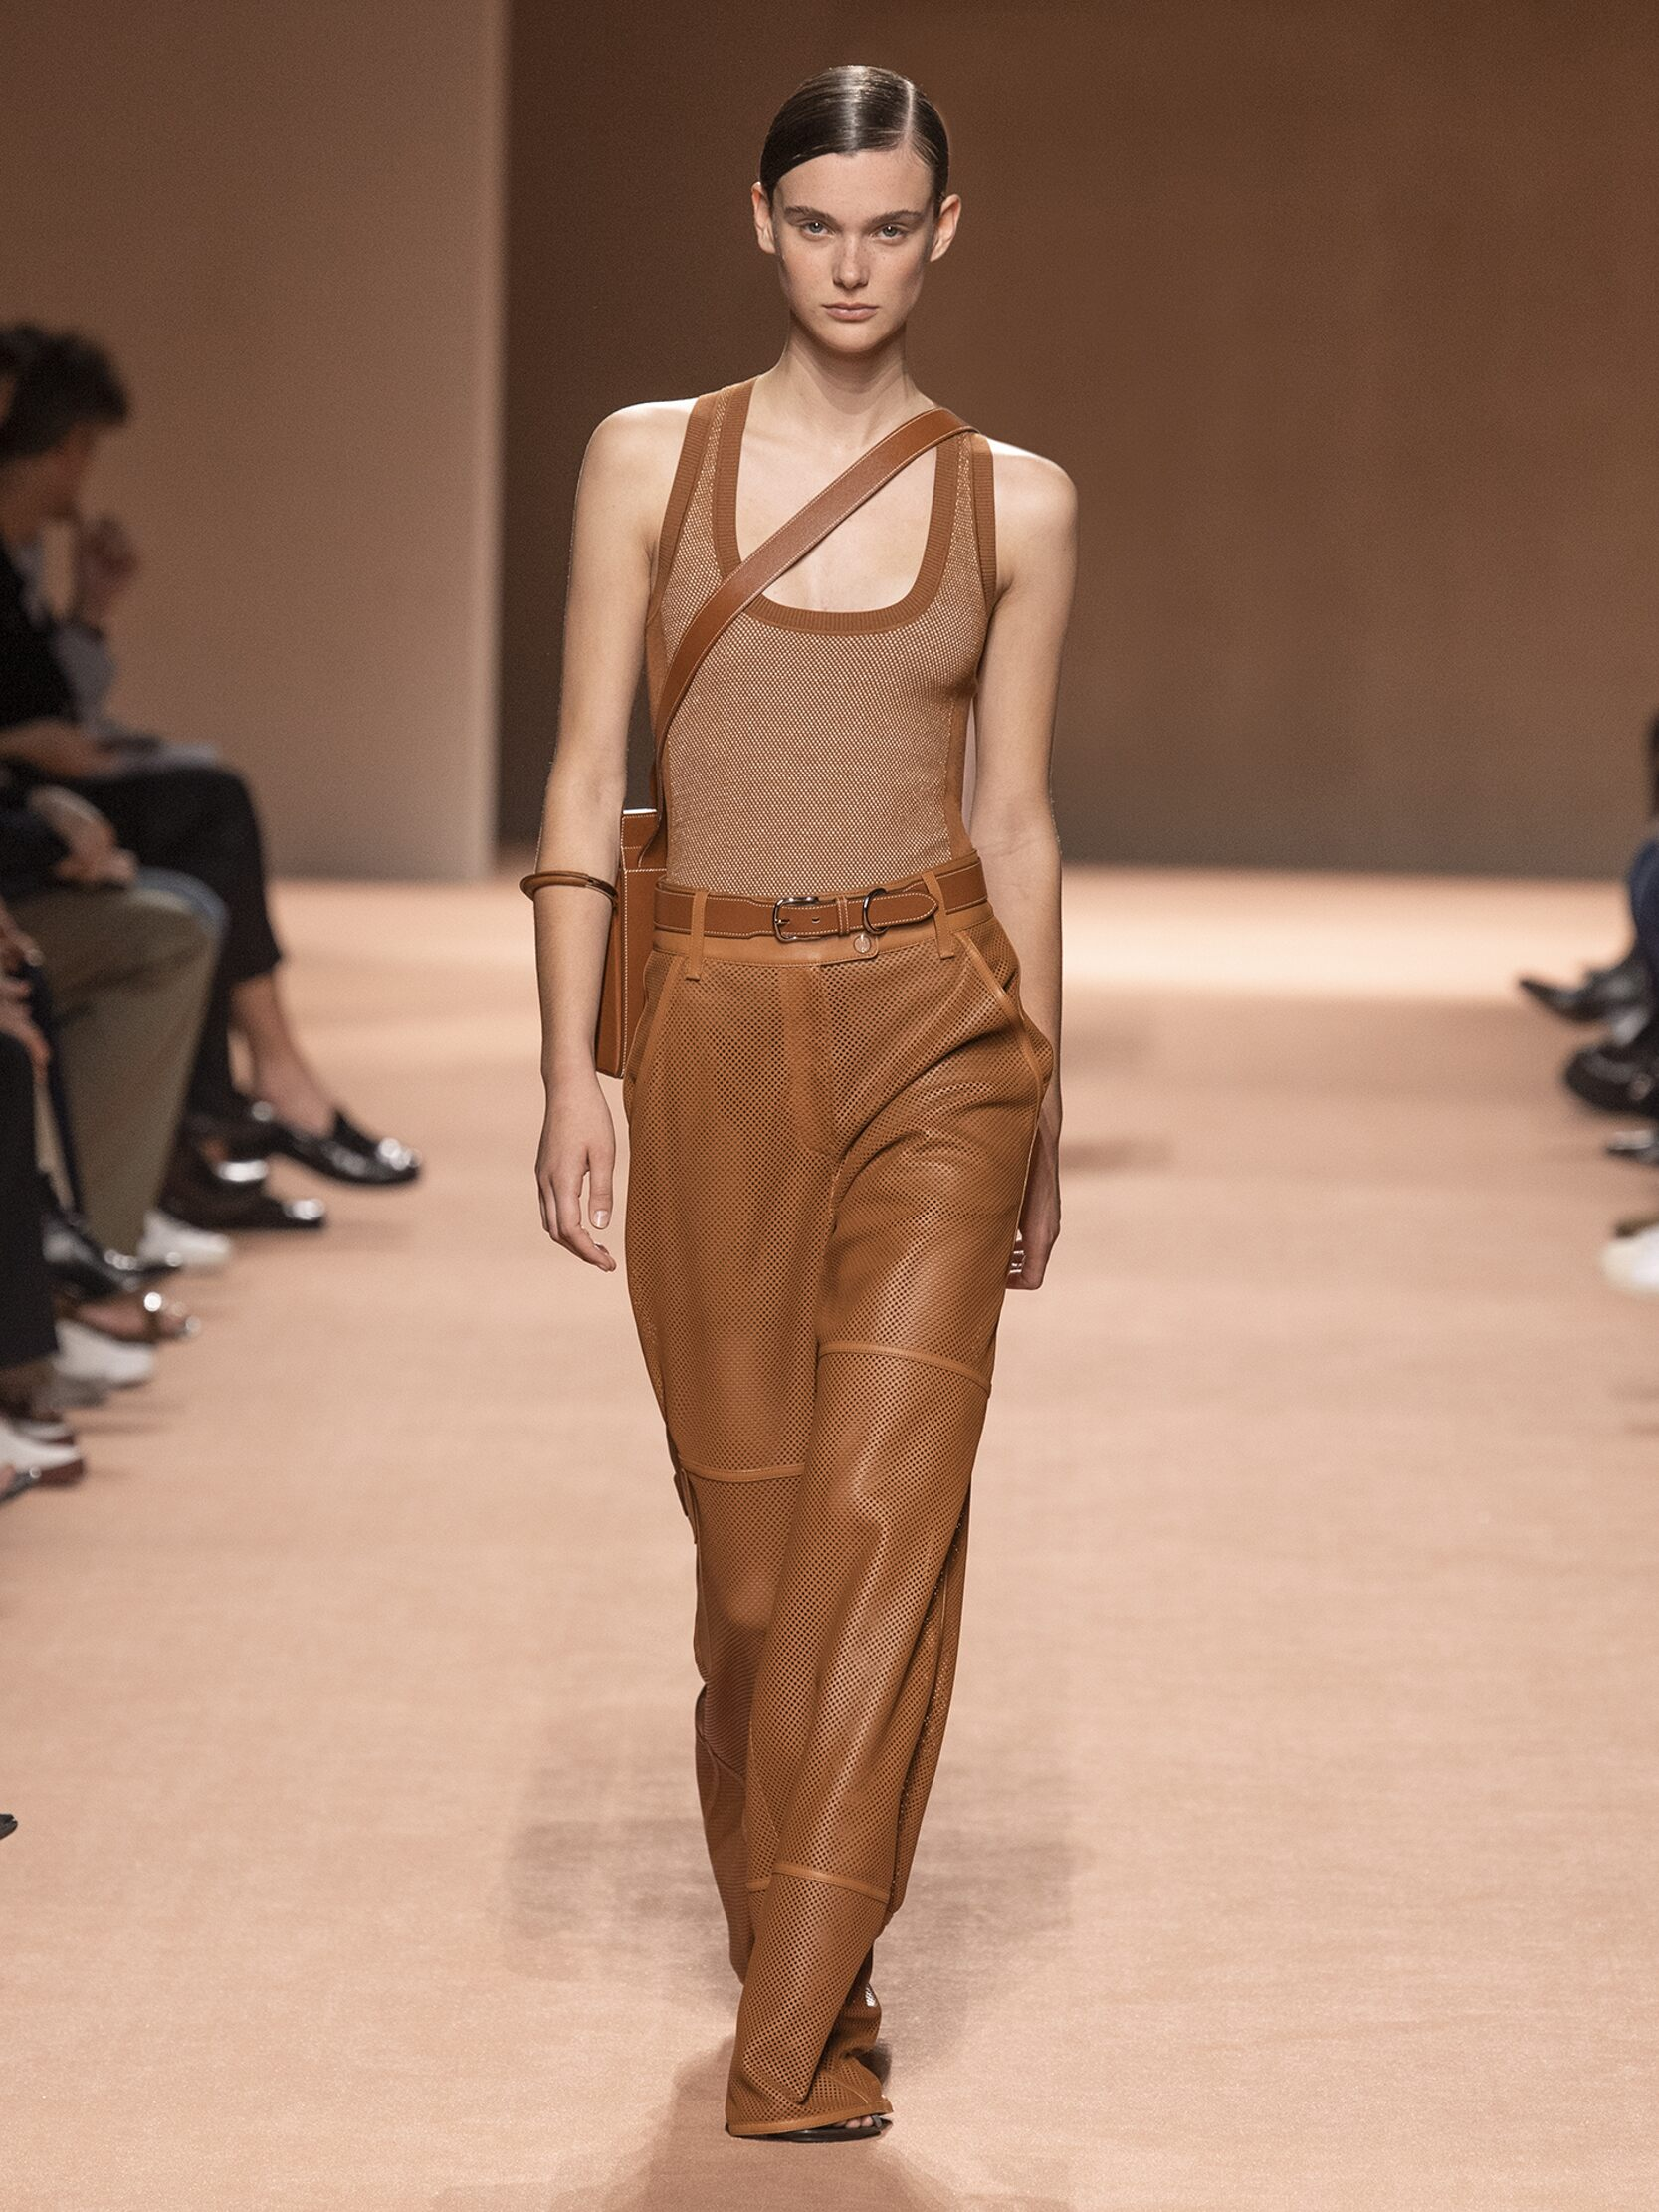 2020 Hermès Catwalk